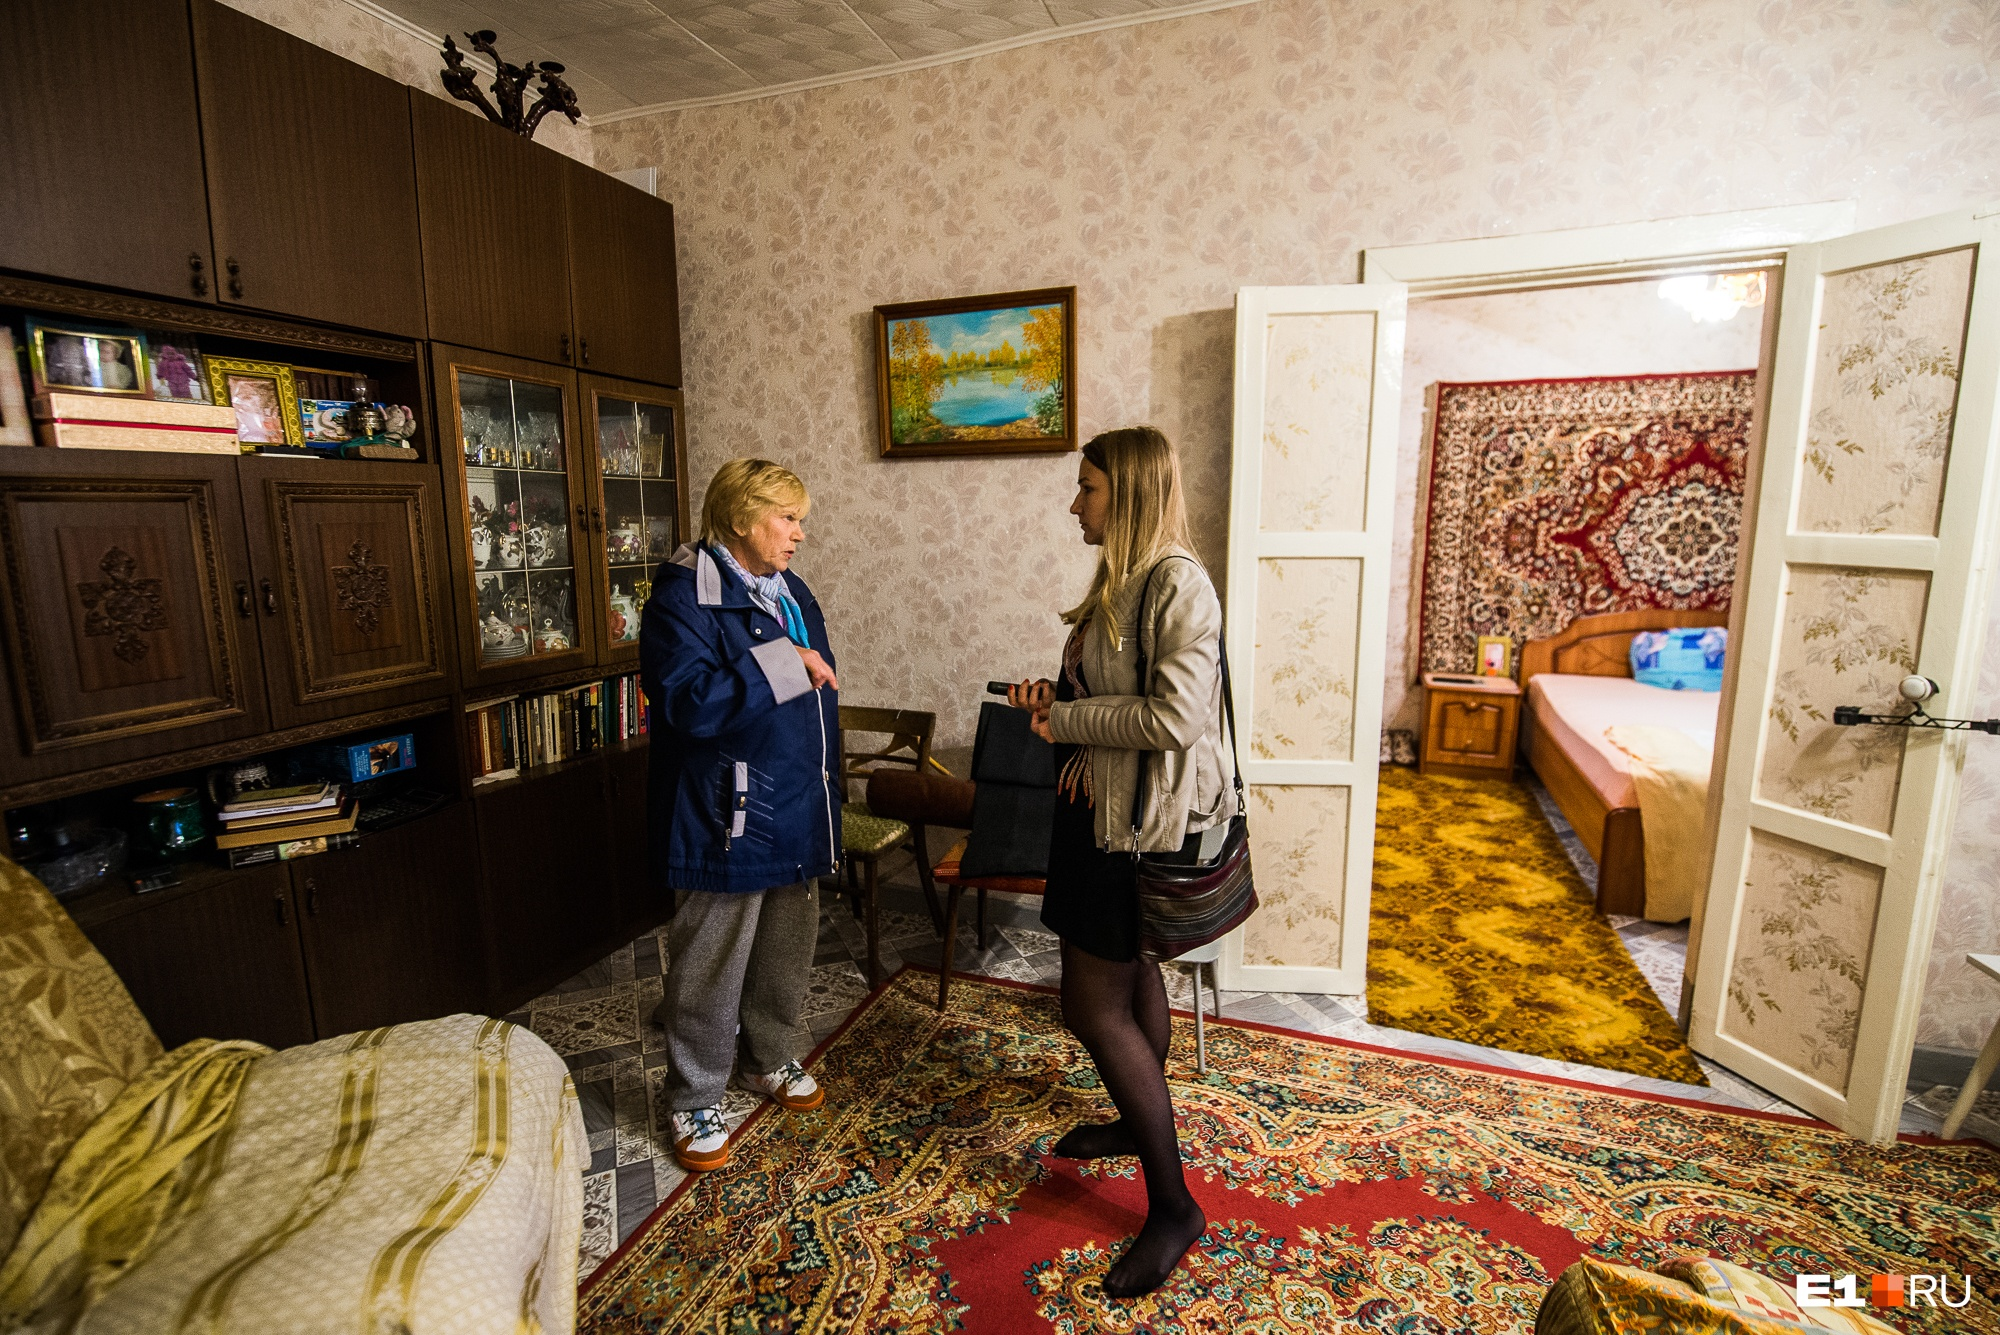 Лариса Сергеевна живёт здесь уже 35 лет